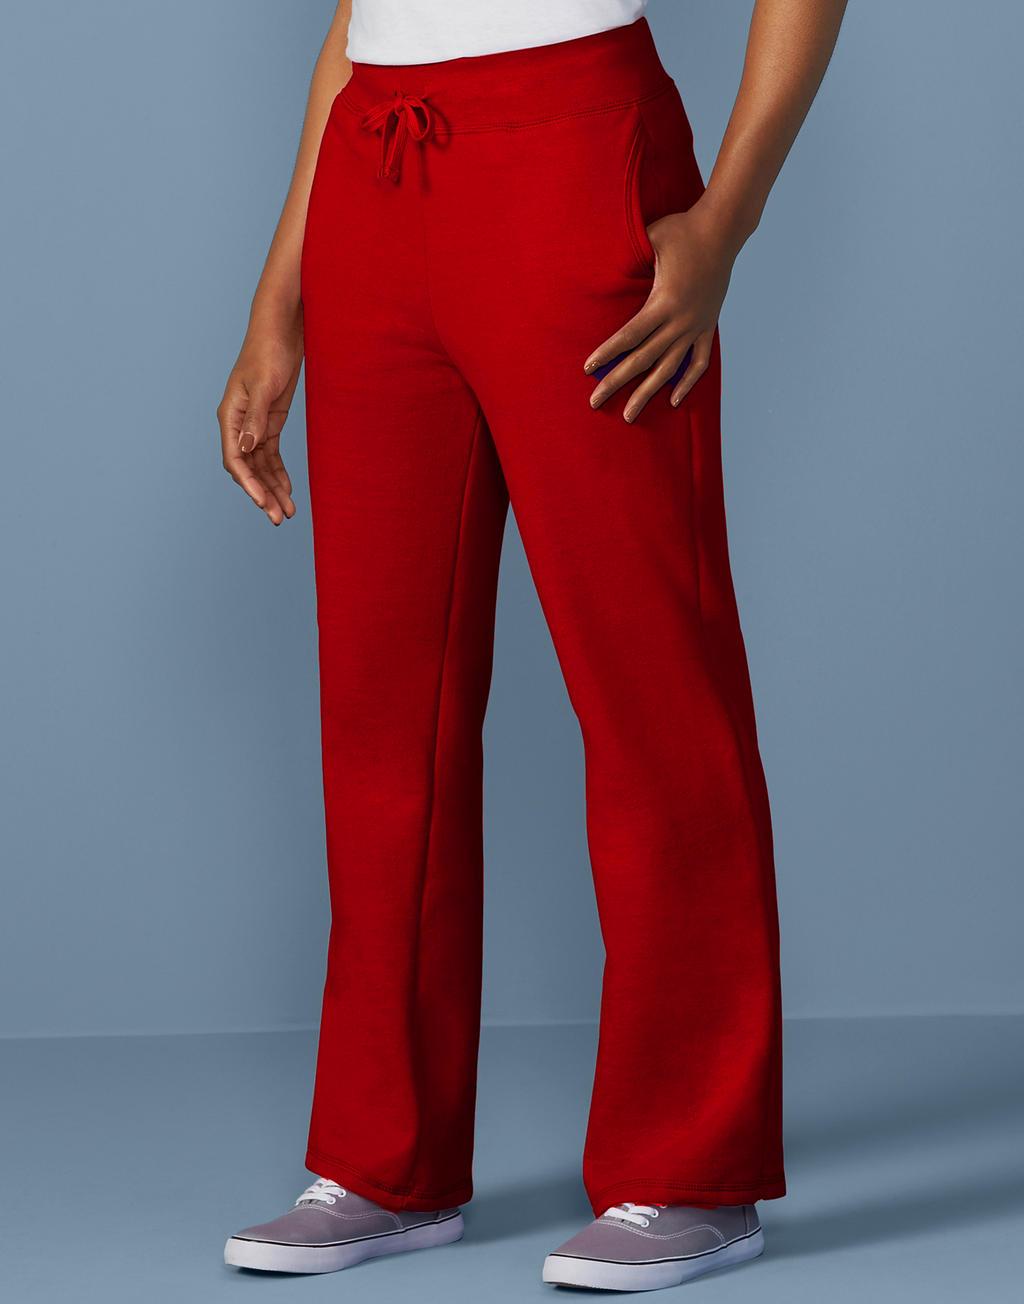 Onze merken GIldan sweatpants rood vrouwen